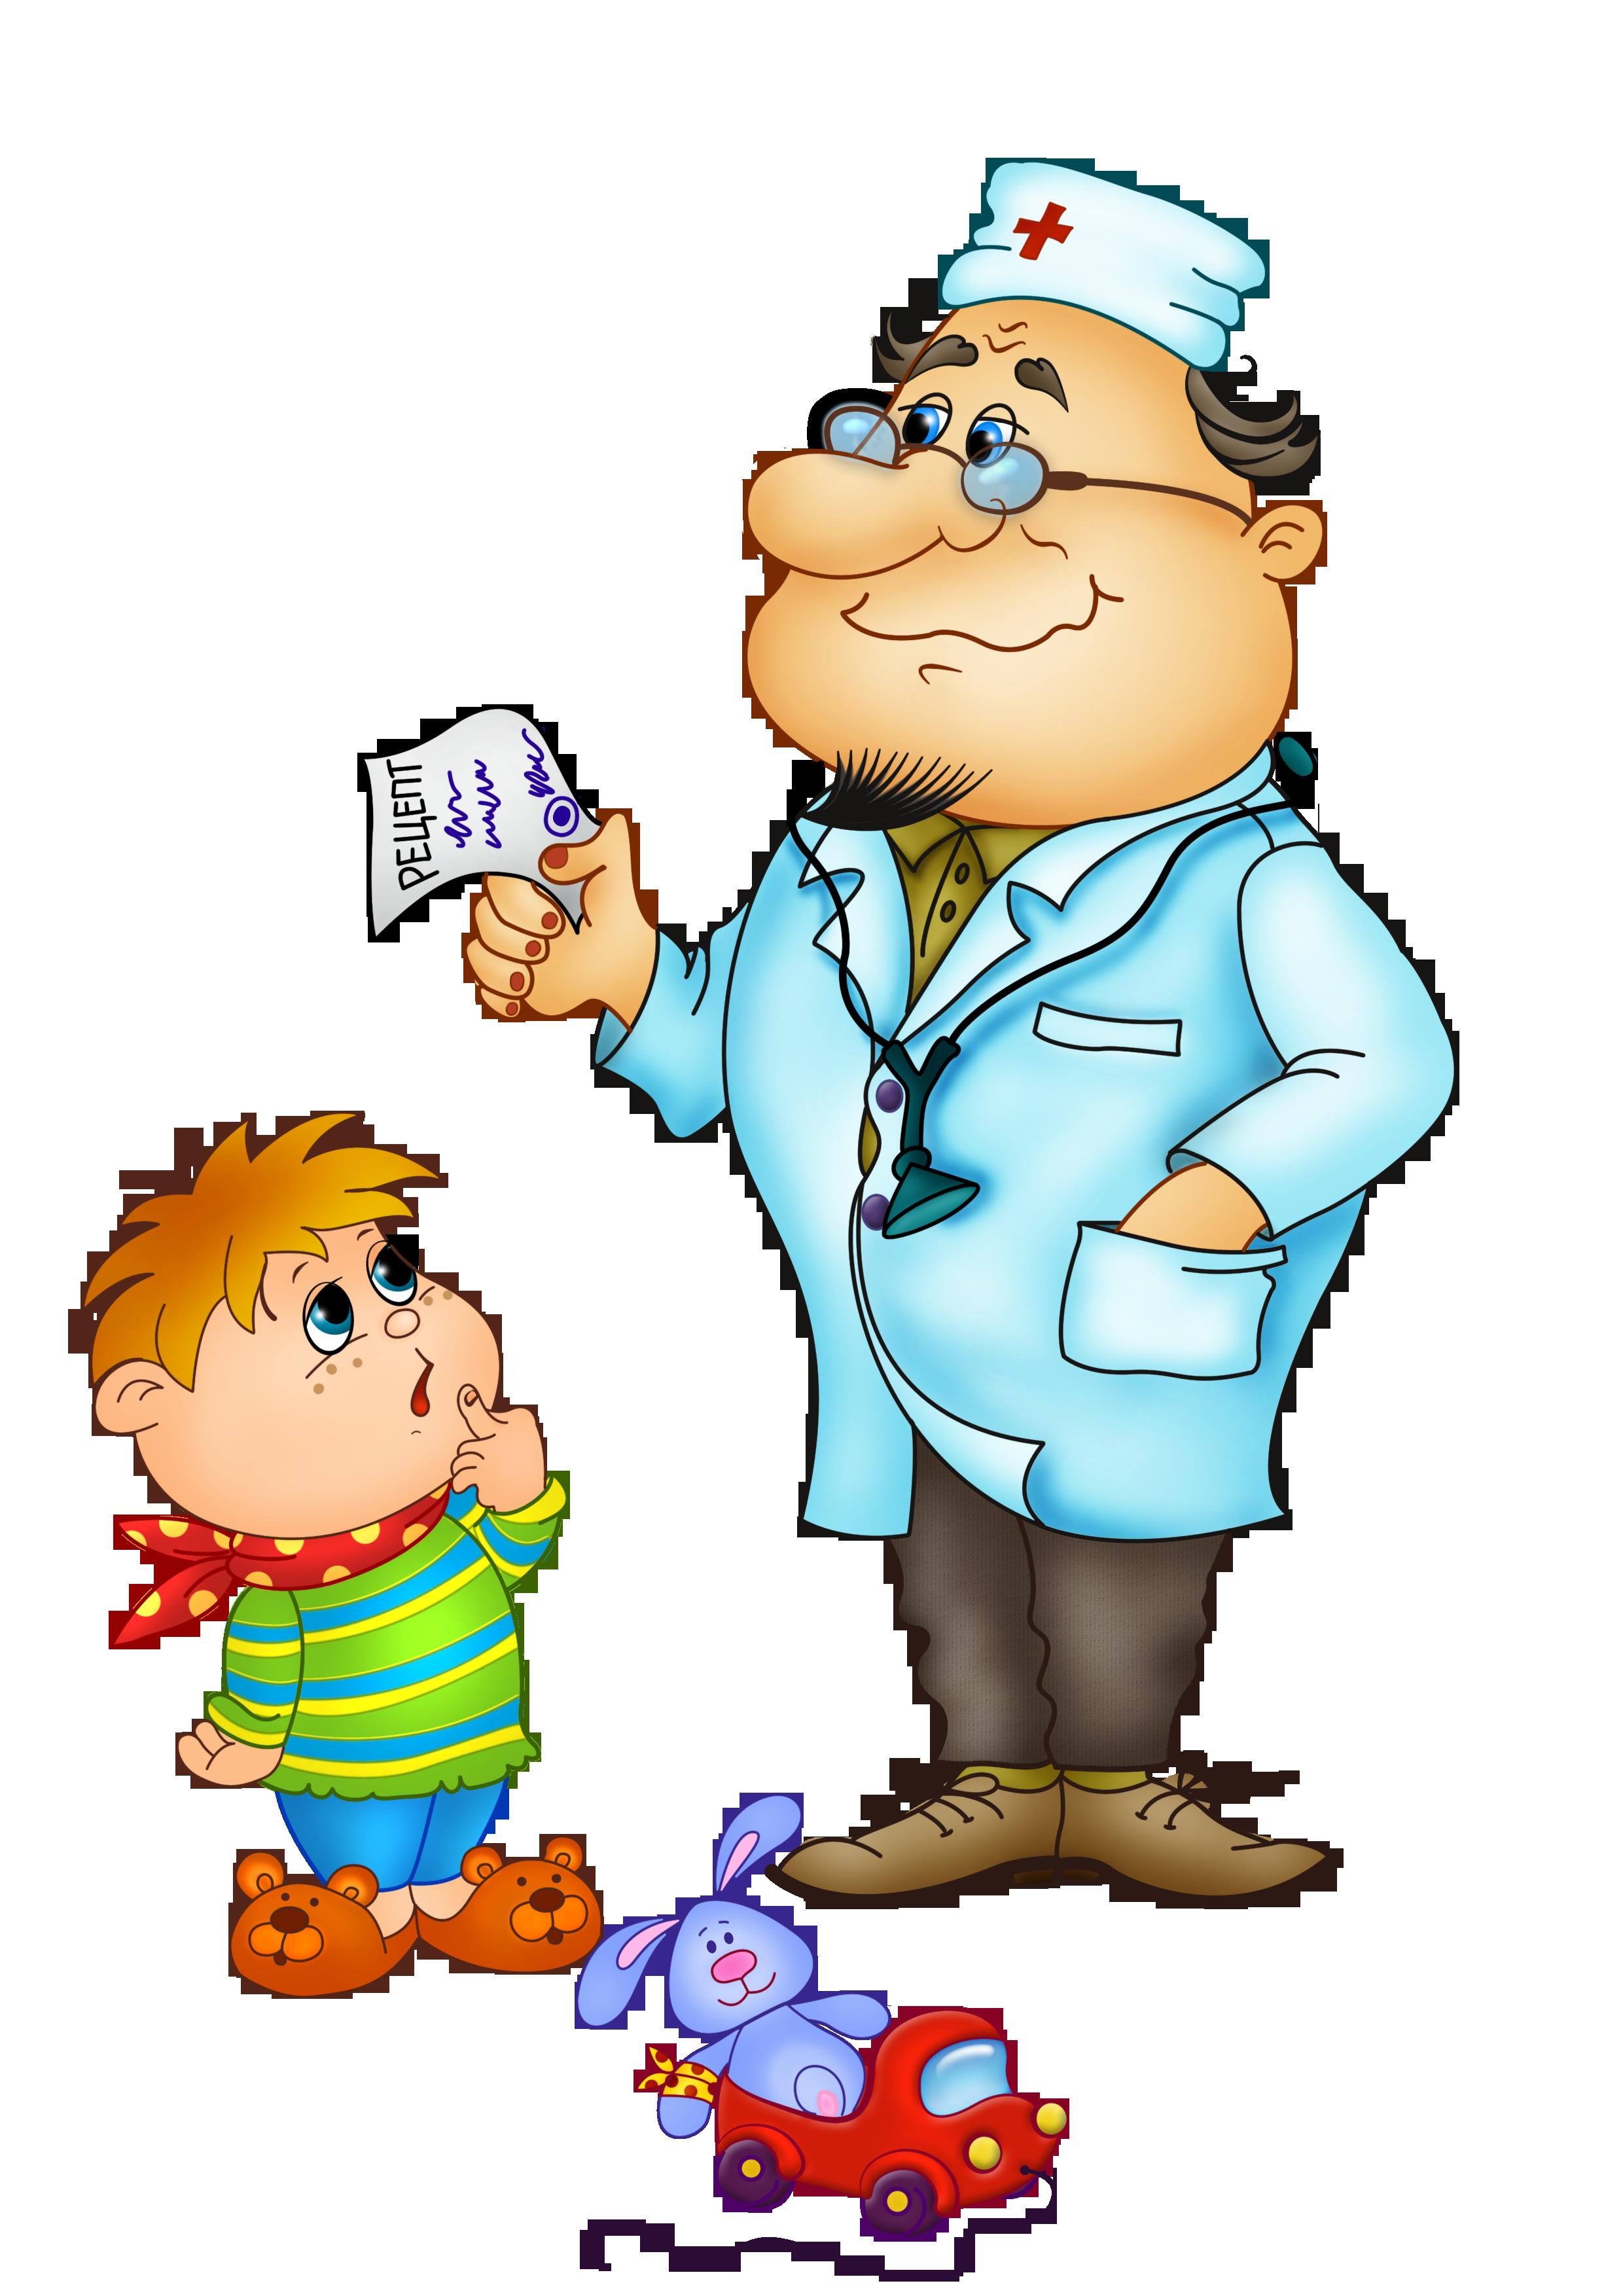 Картинки по профессиям для детей врач